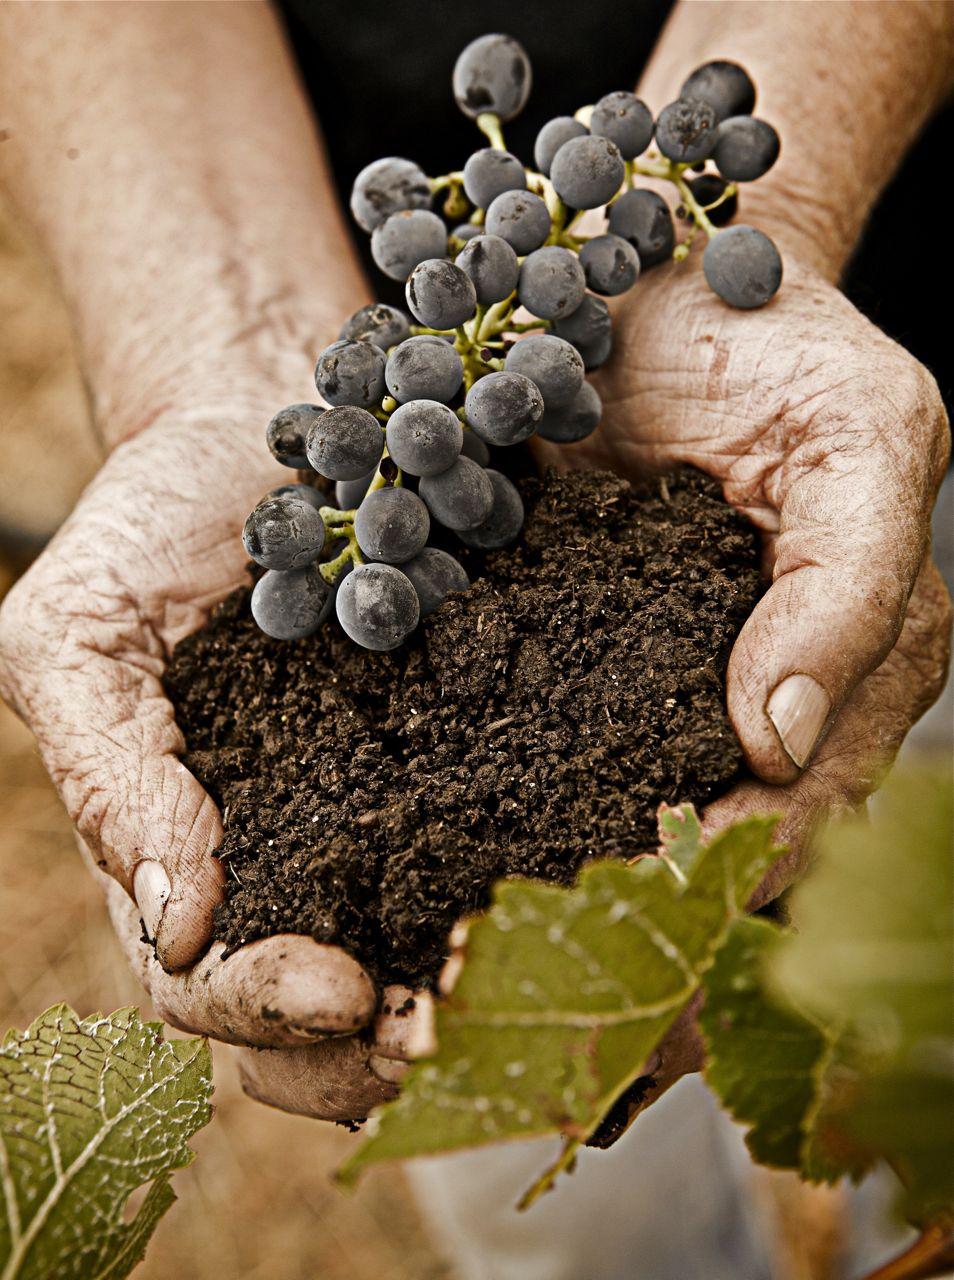 soil in grapes.jpg